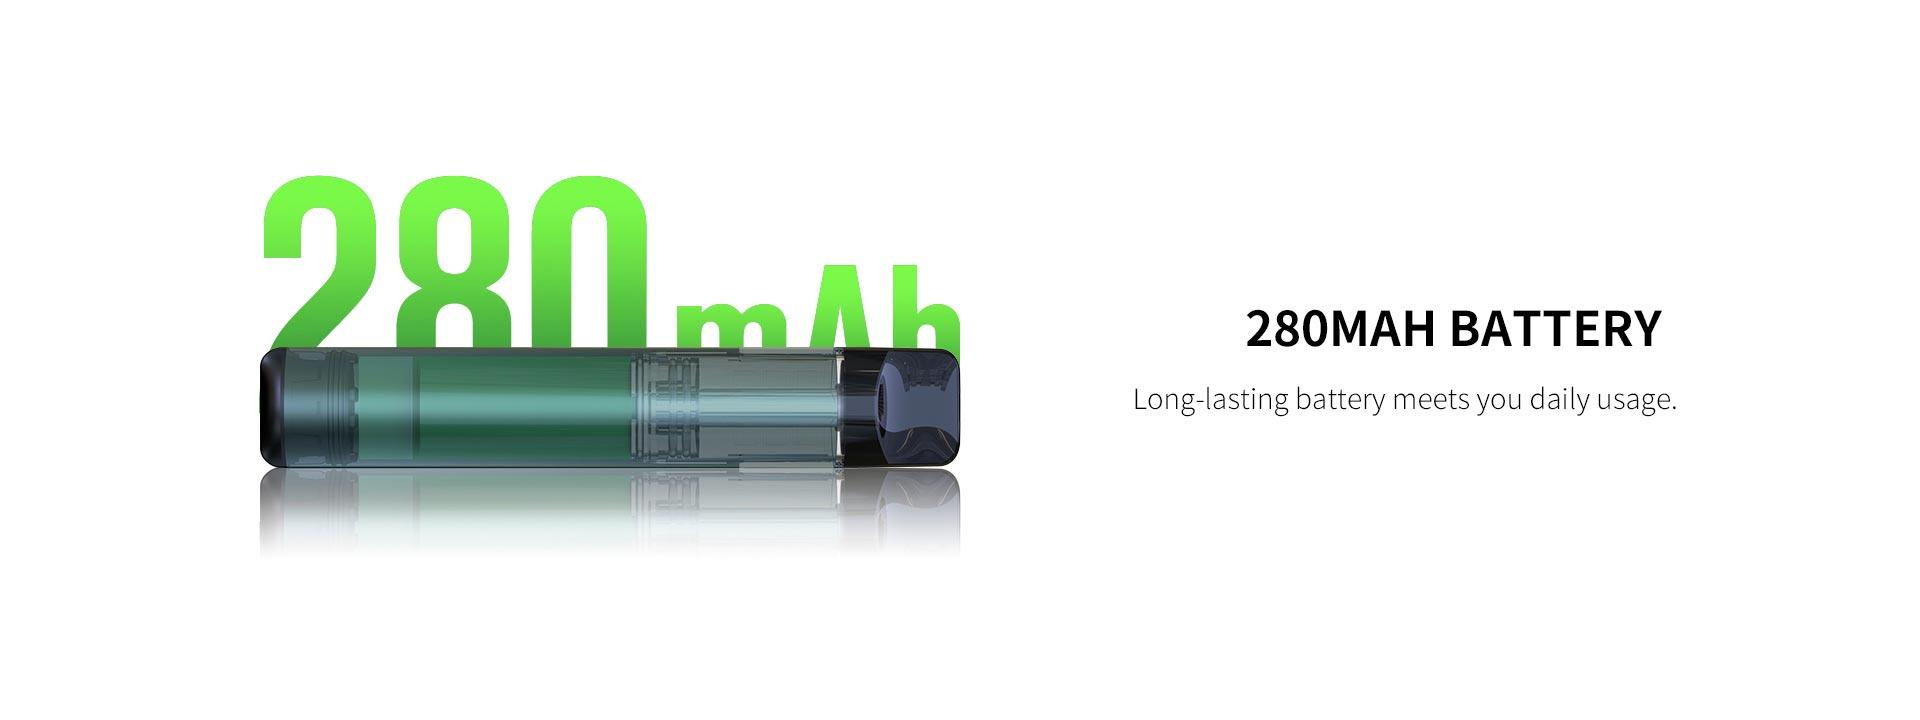 cbd vaporizer battery